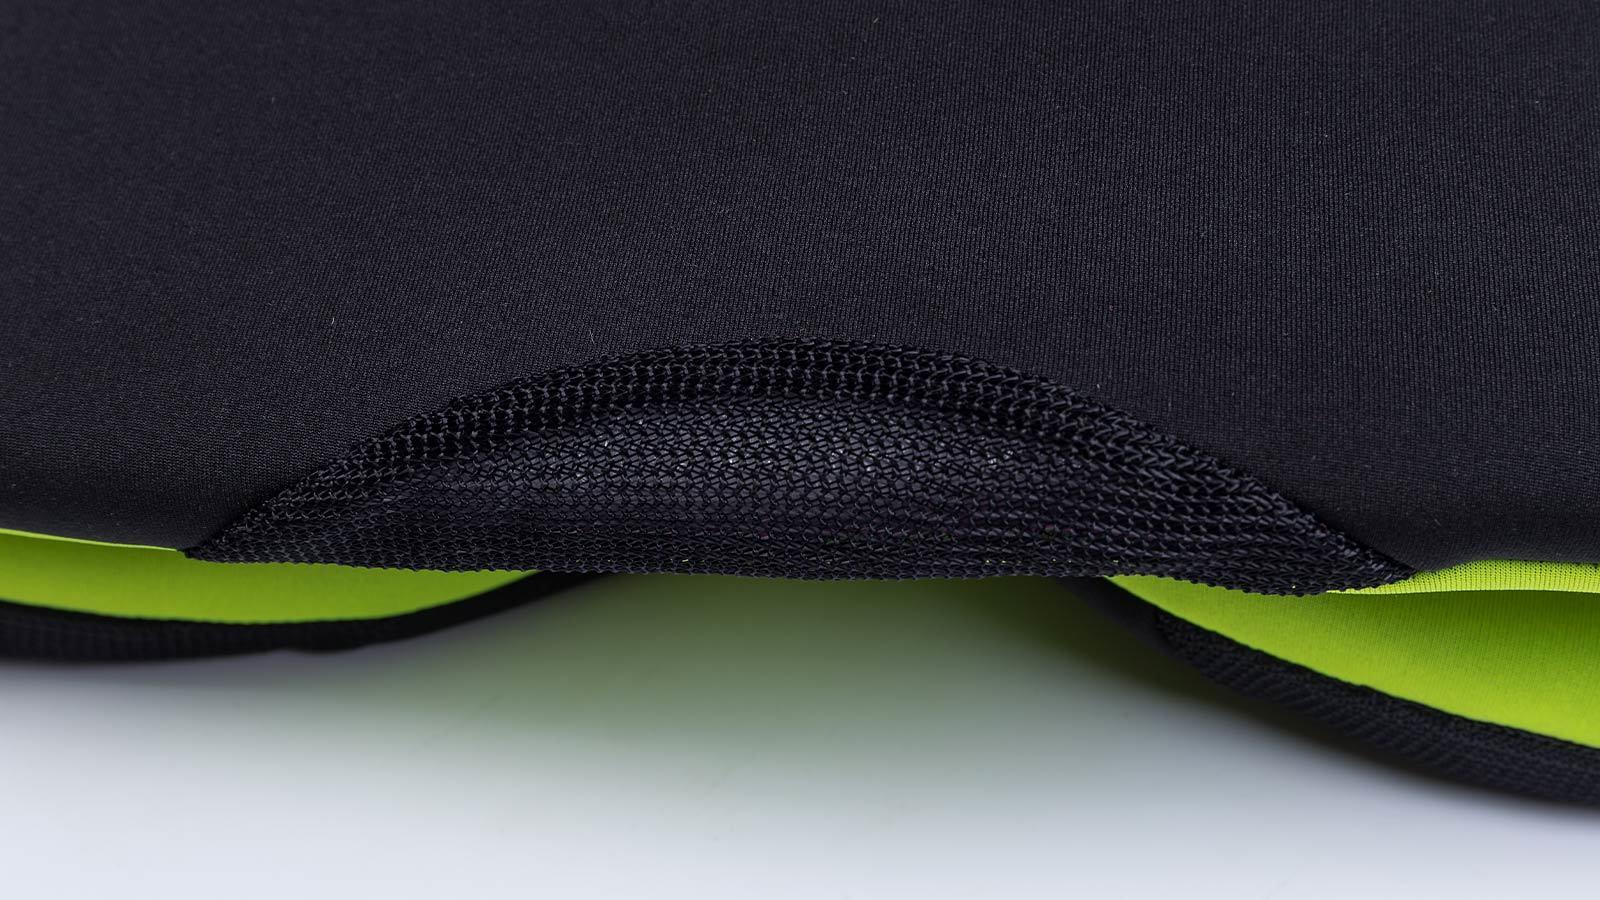 нижняя кромка плавательного жилета